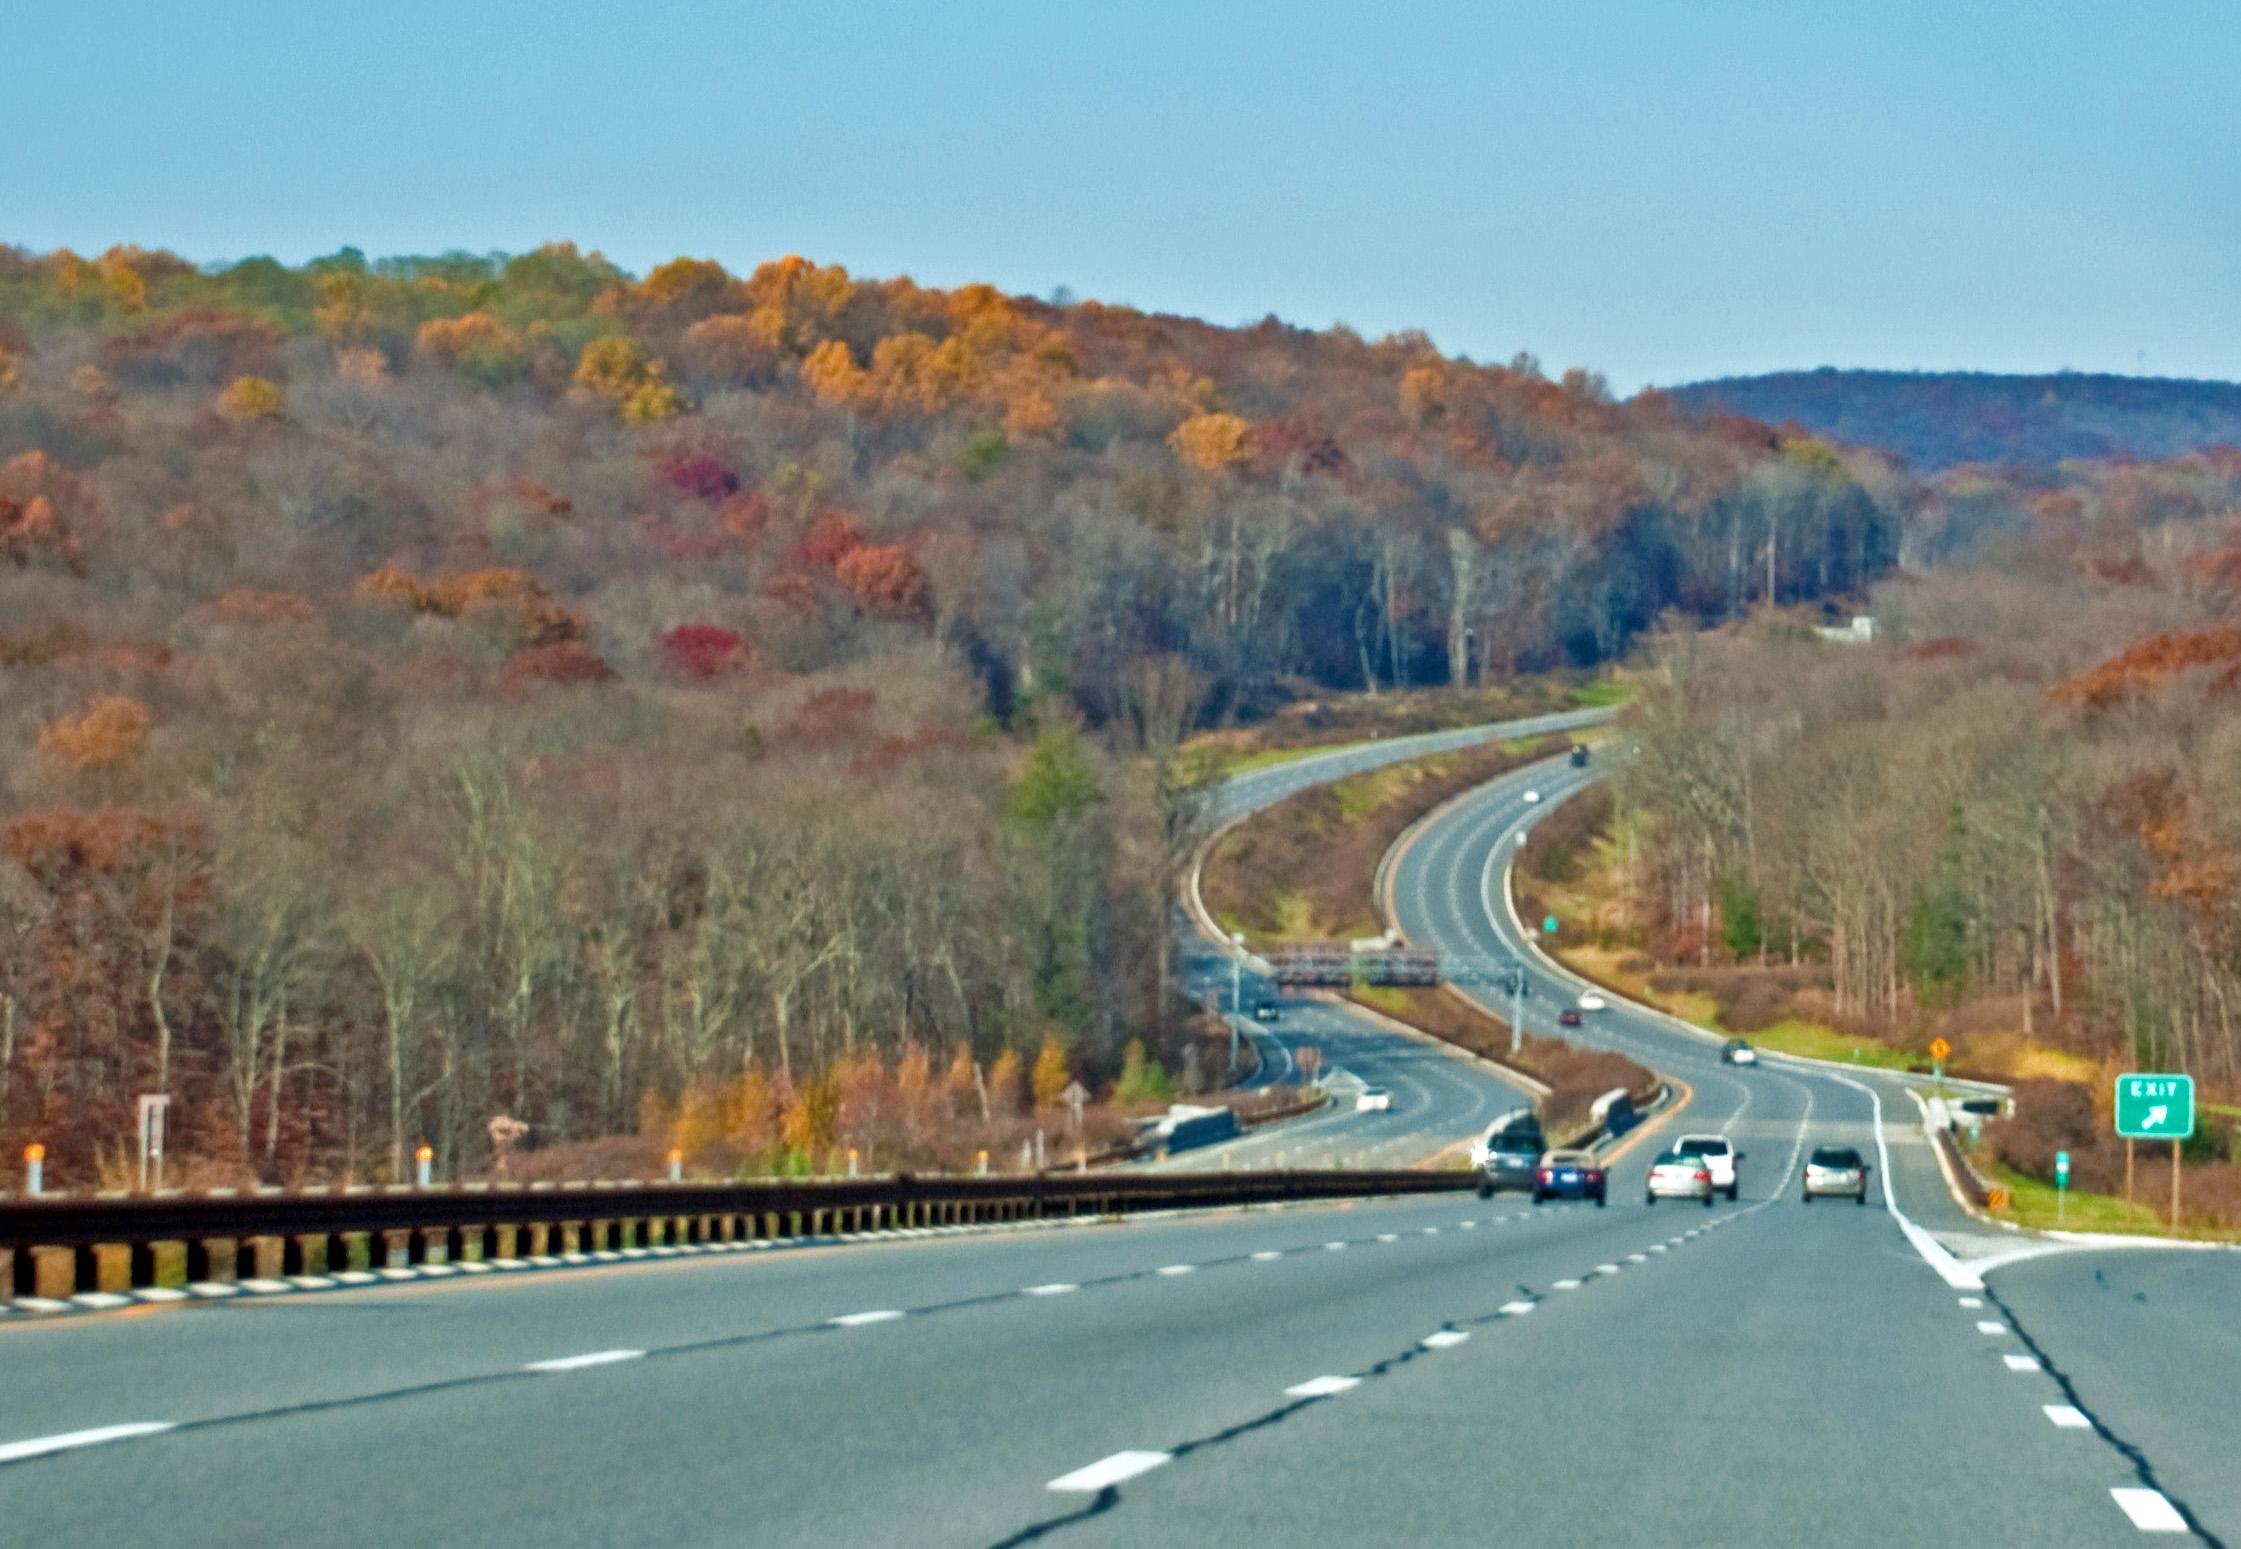 car rental, road trip